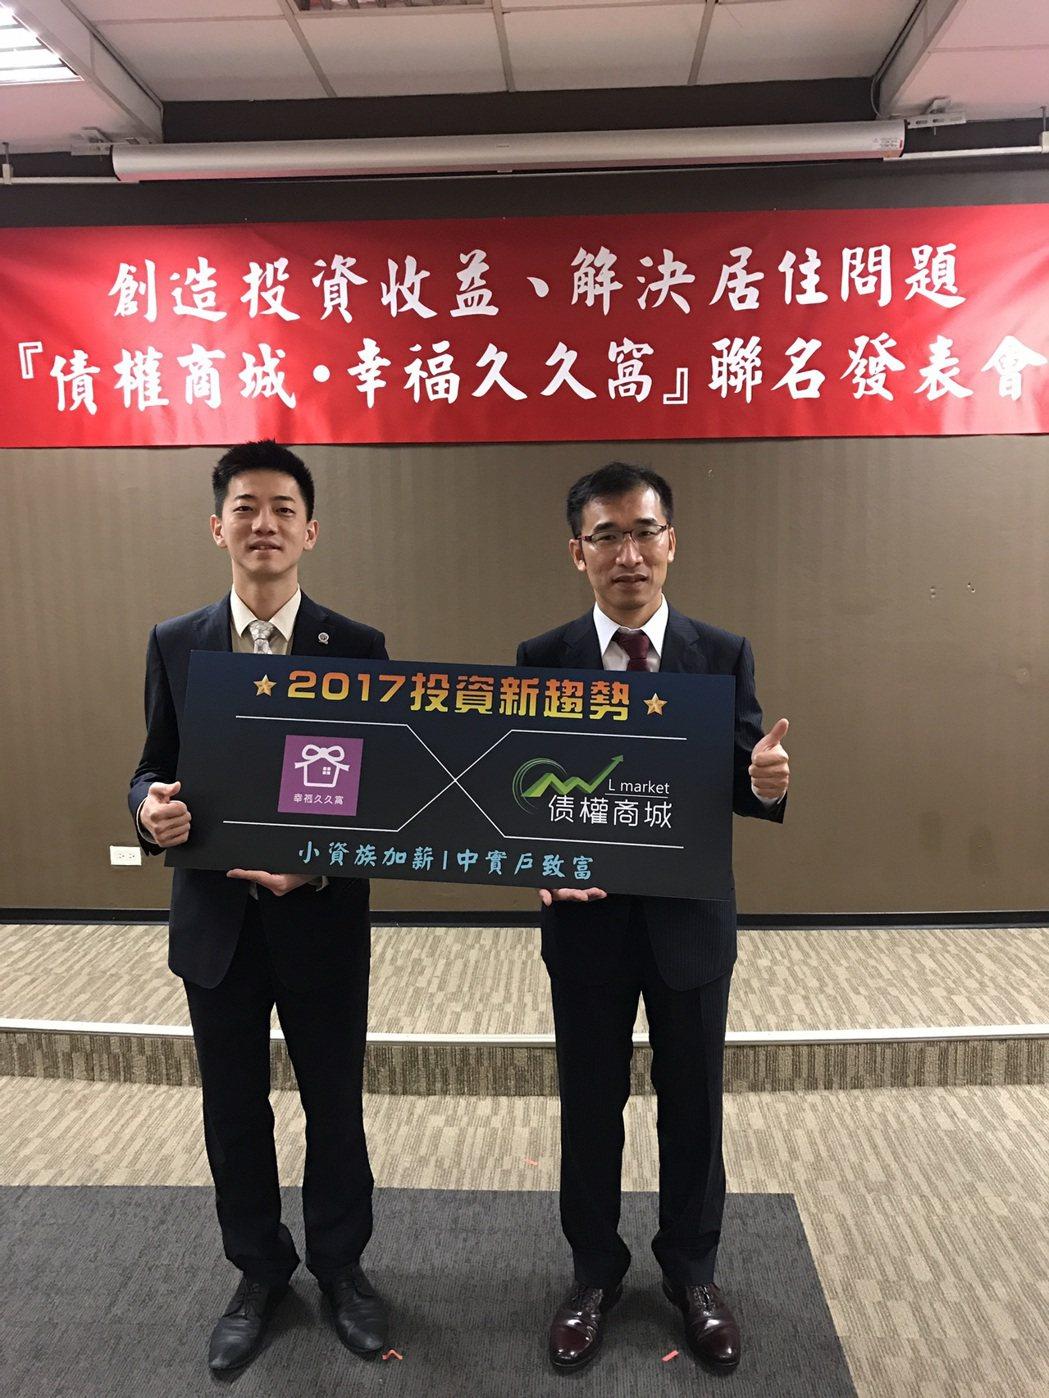 幸福久久窩總經理盧集義(左)與債權商城執行長郭錦駩(右)。圖片提供:日昇金互聯網